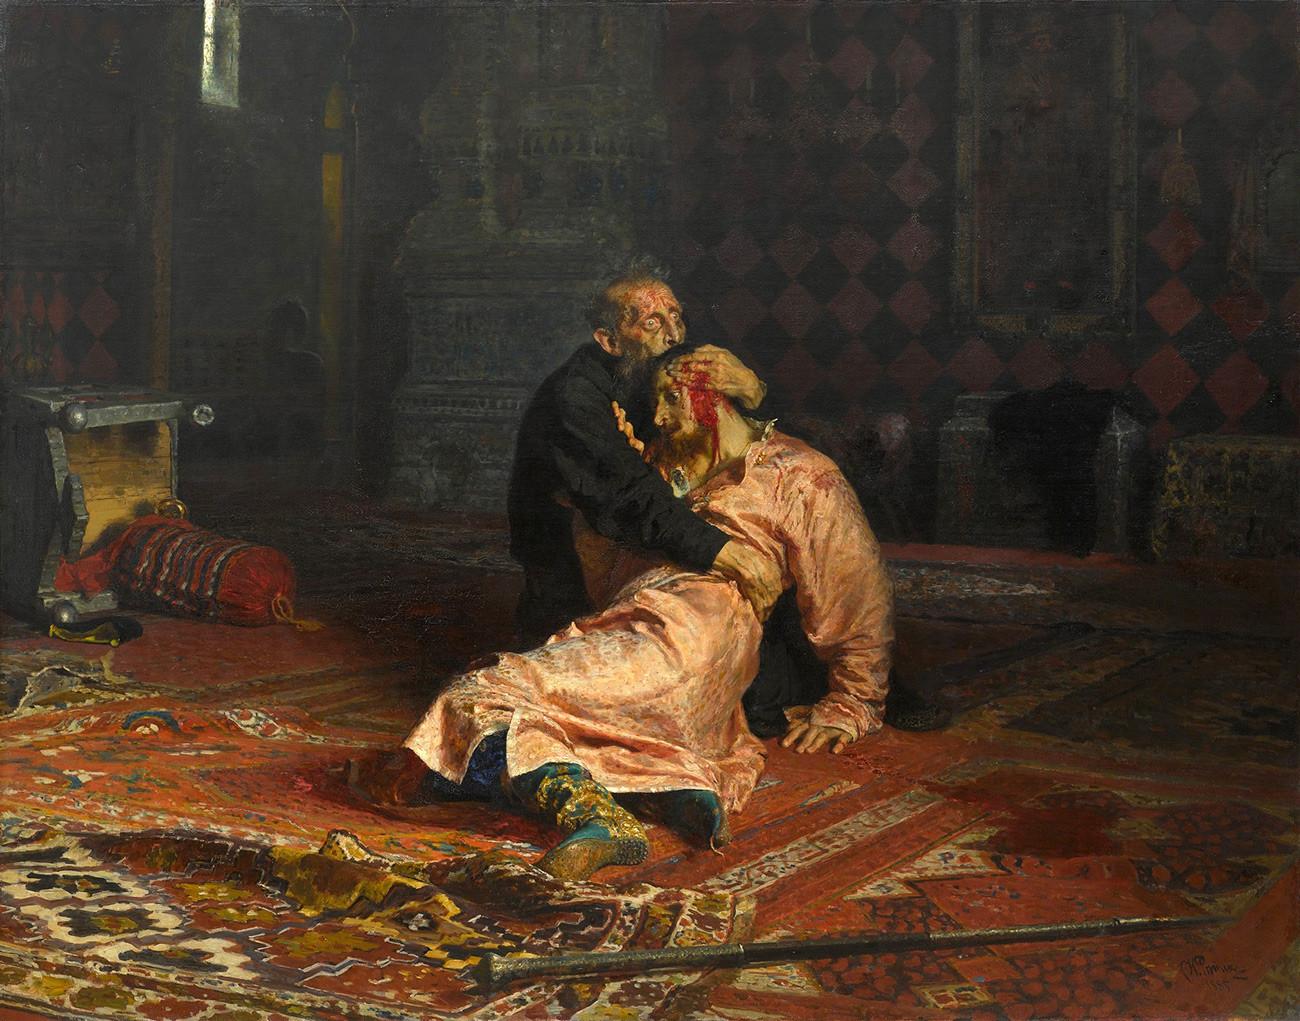 'Iván el Terrible y su hijo Iván, 16 de noviembre de 1581', obra de Iliá Repin.